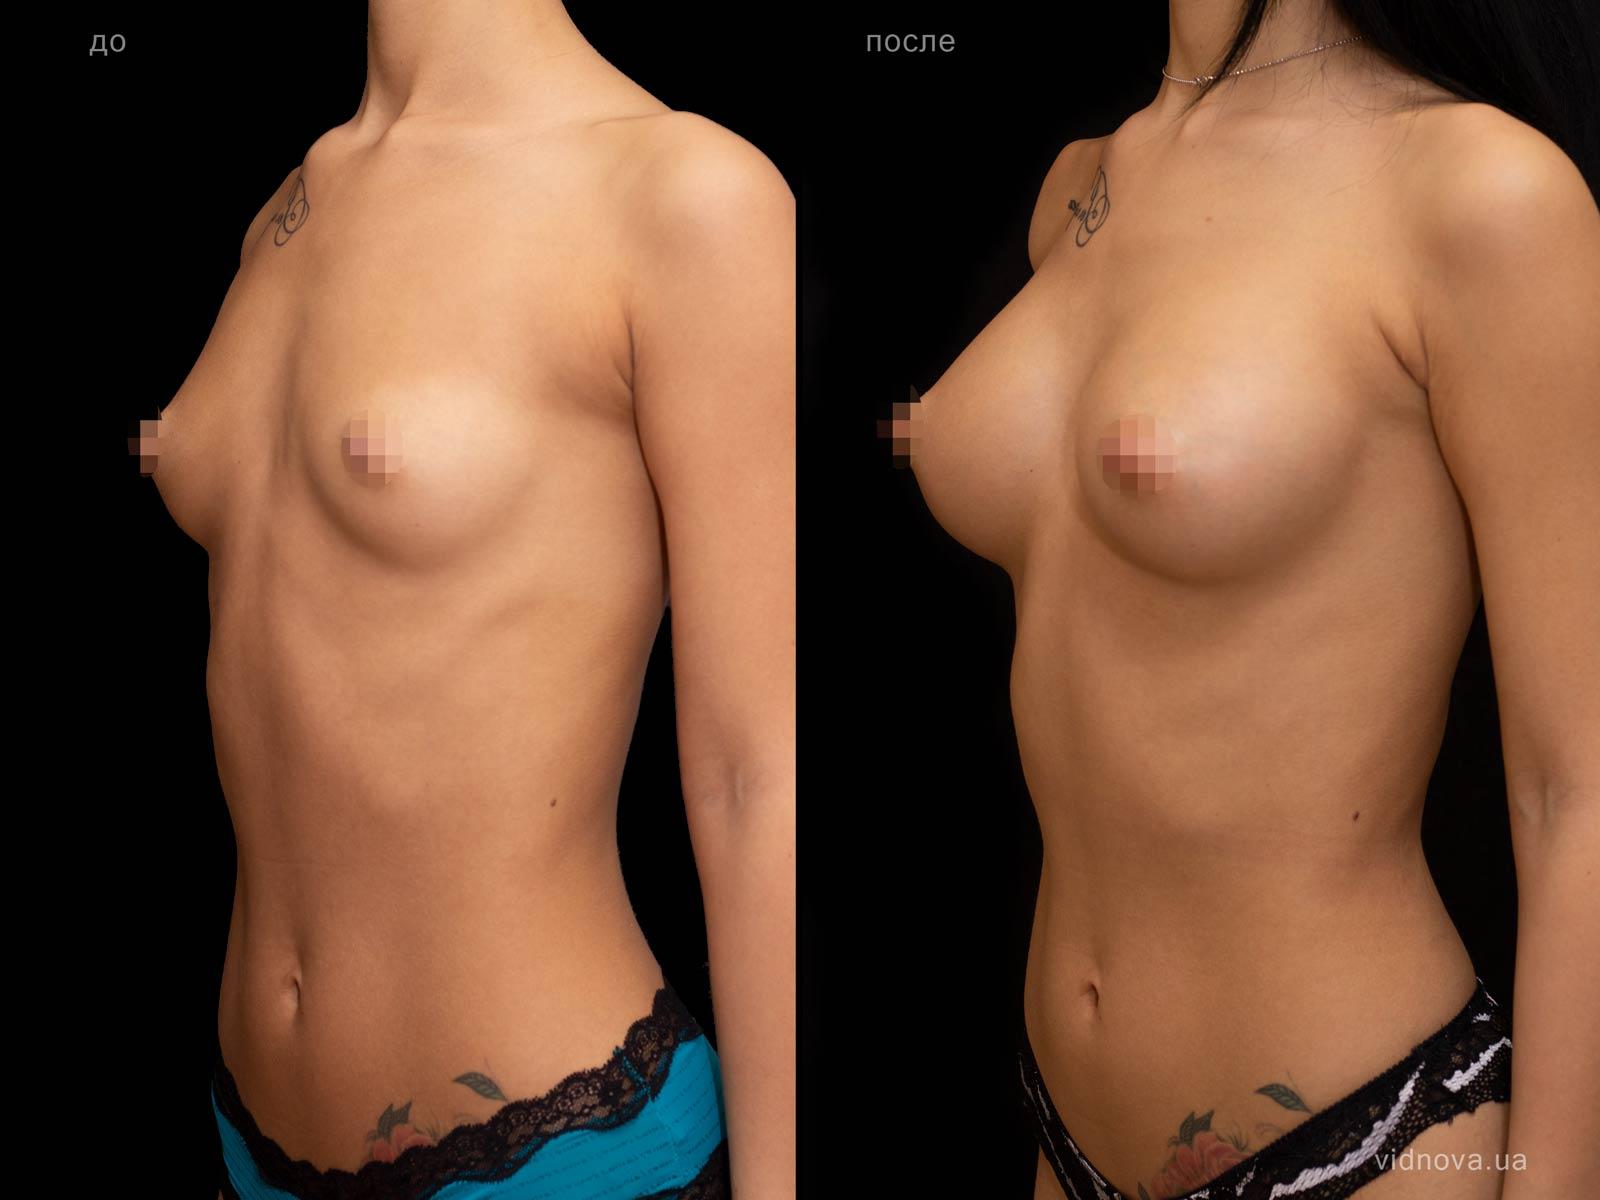 Пластика груди: результаты до и после - Пример №76-1 - Светлана Работенко